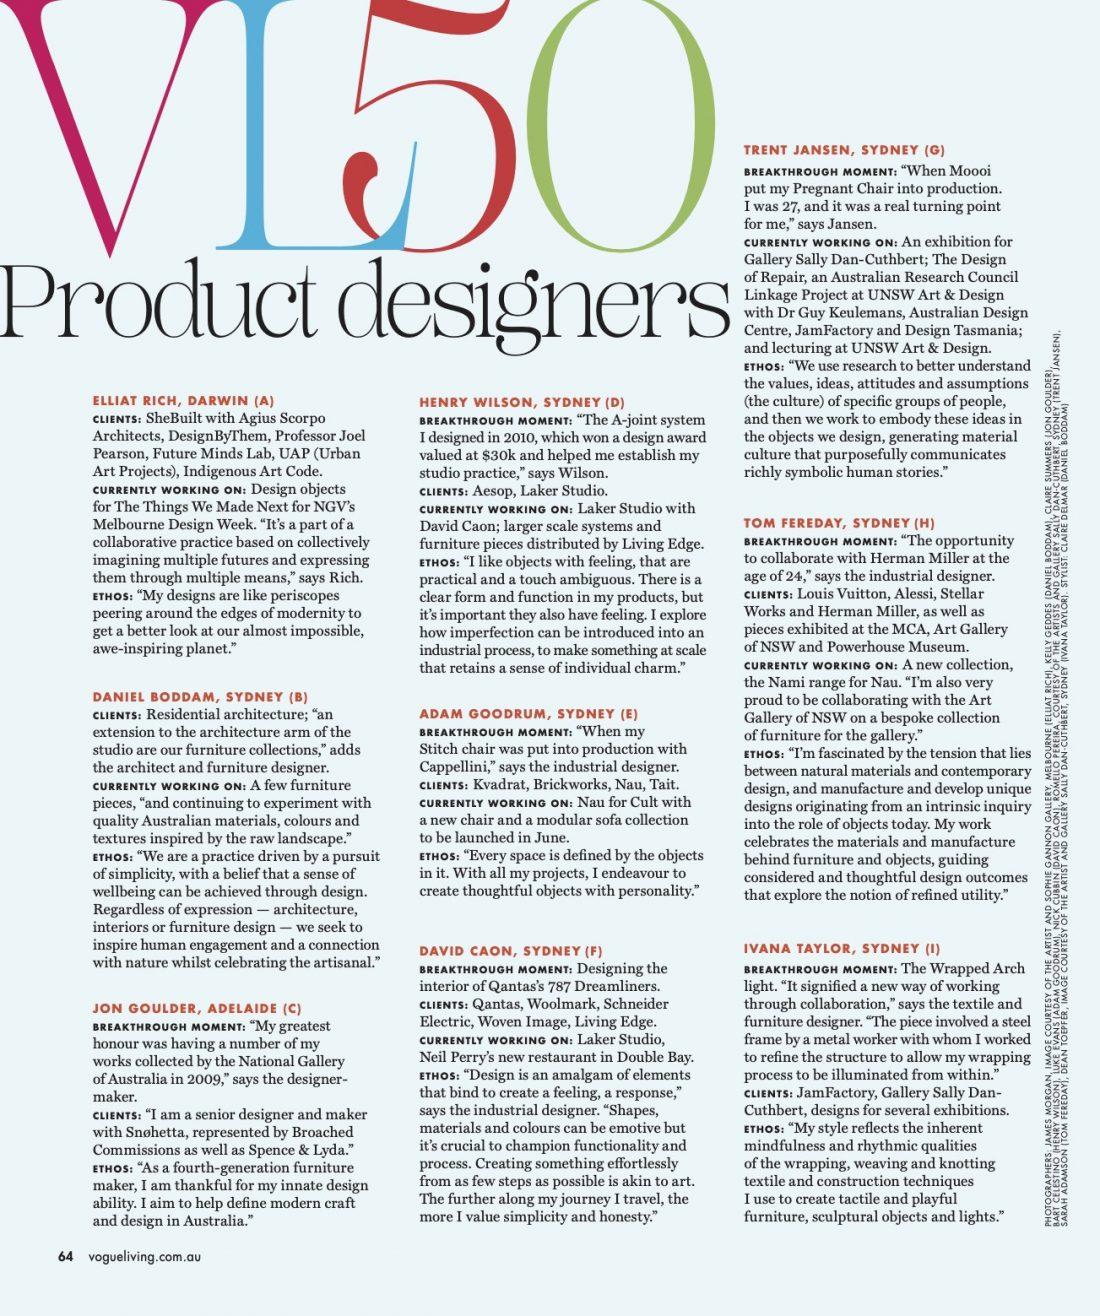 Vogue Living - VL50 & Geo Drum